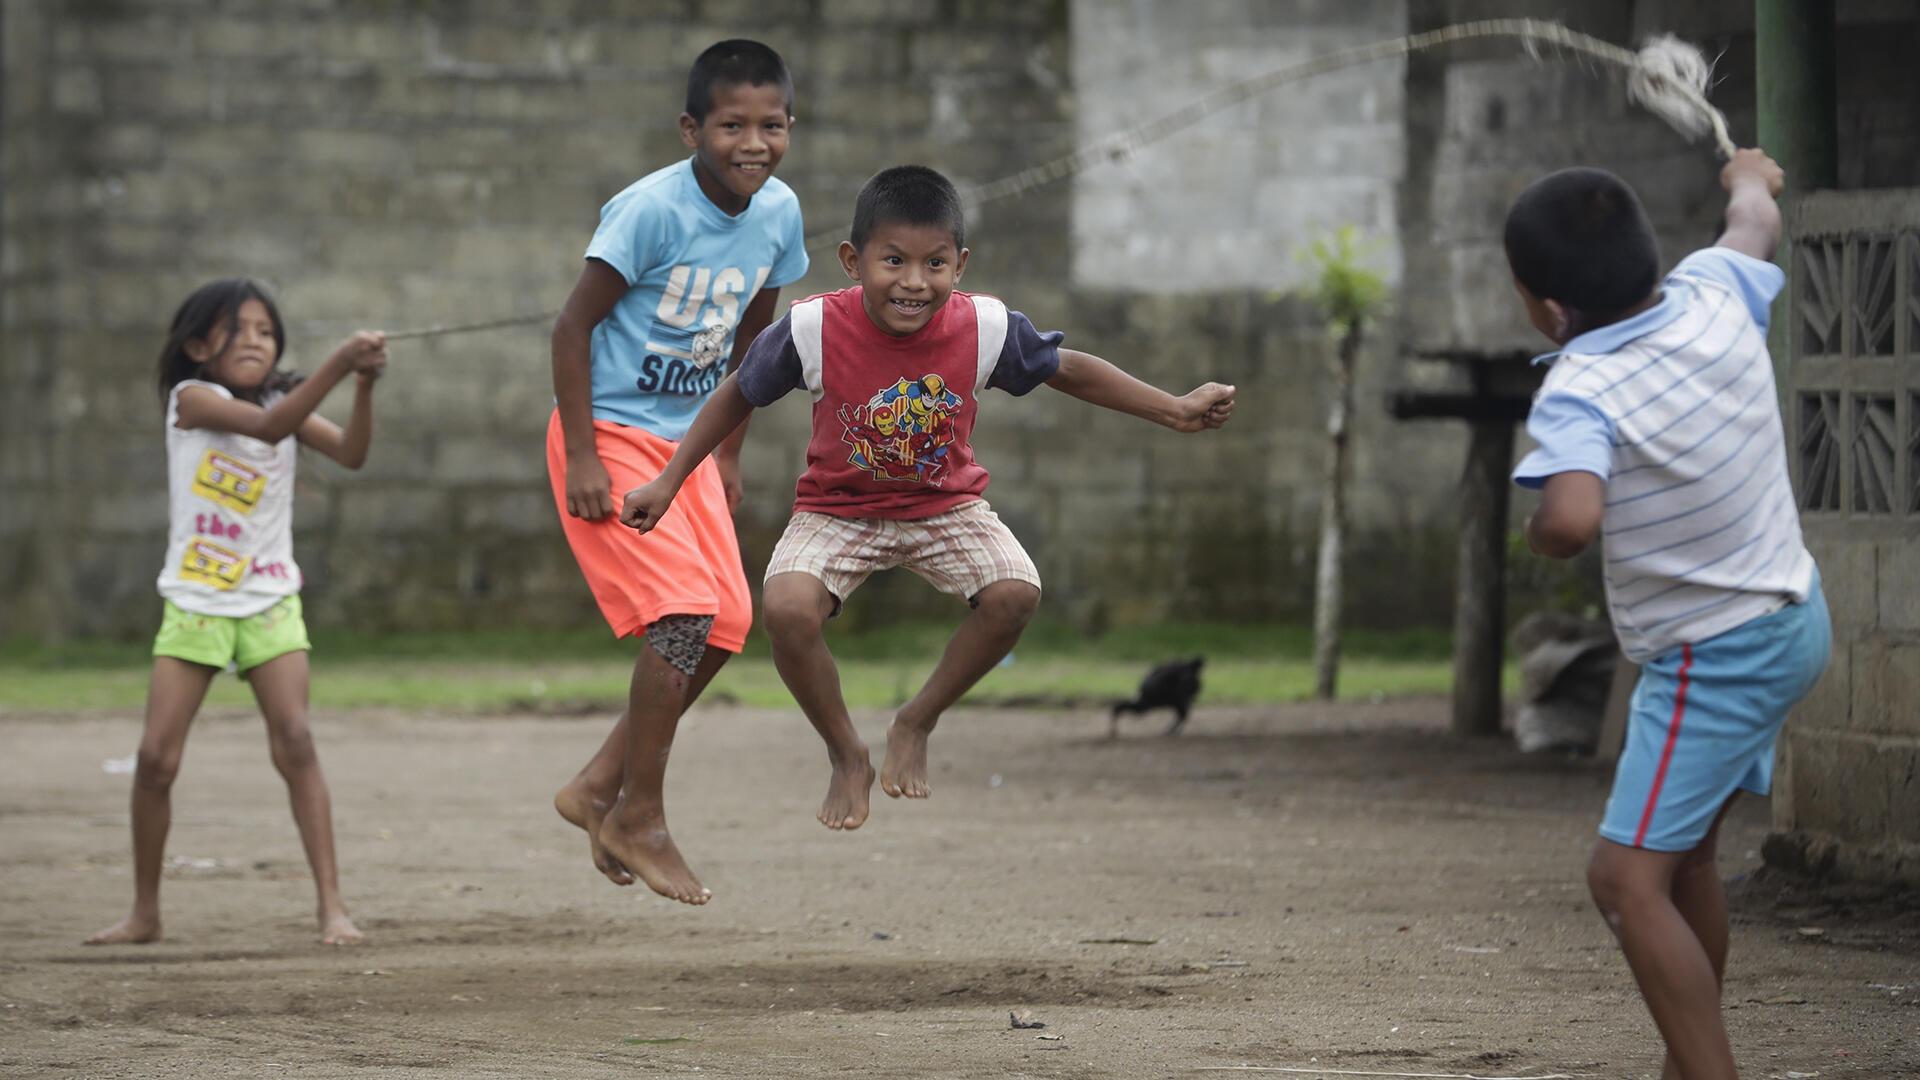 Panama - des enfants sautent à la corde - AP Photo19267089318490